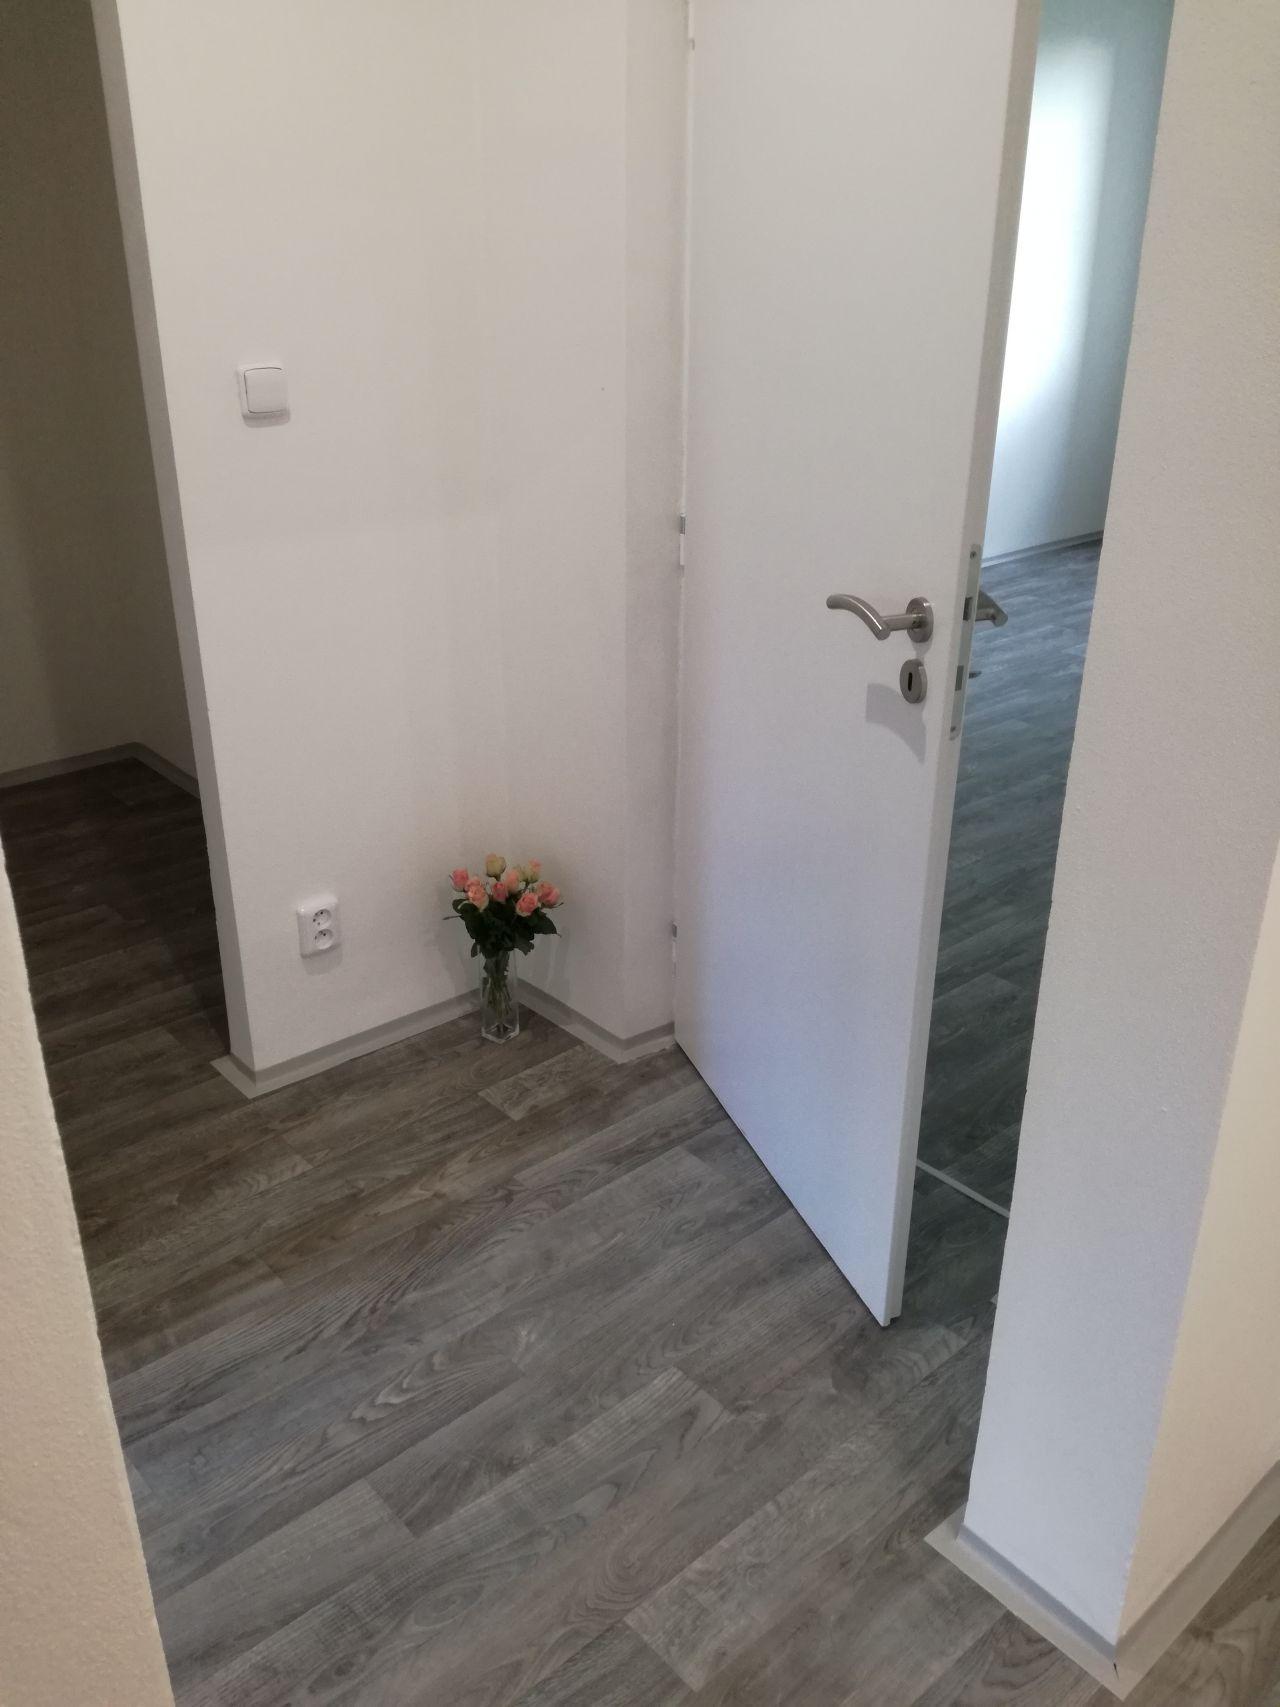 Pronájem bytu 2+1 55 m2, ul. Plzeňská 1122/7, Ostrava - Hrabůvka